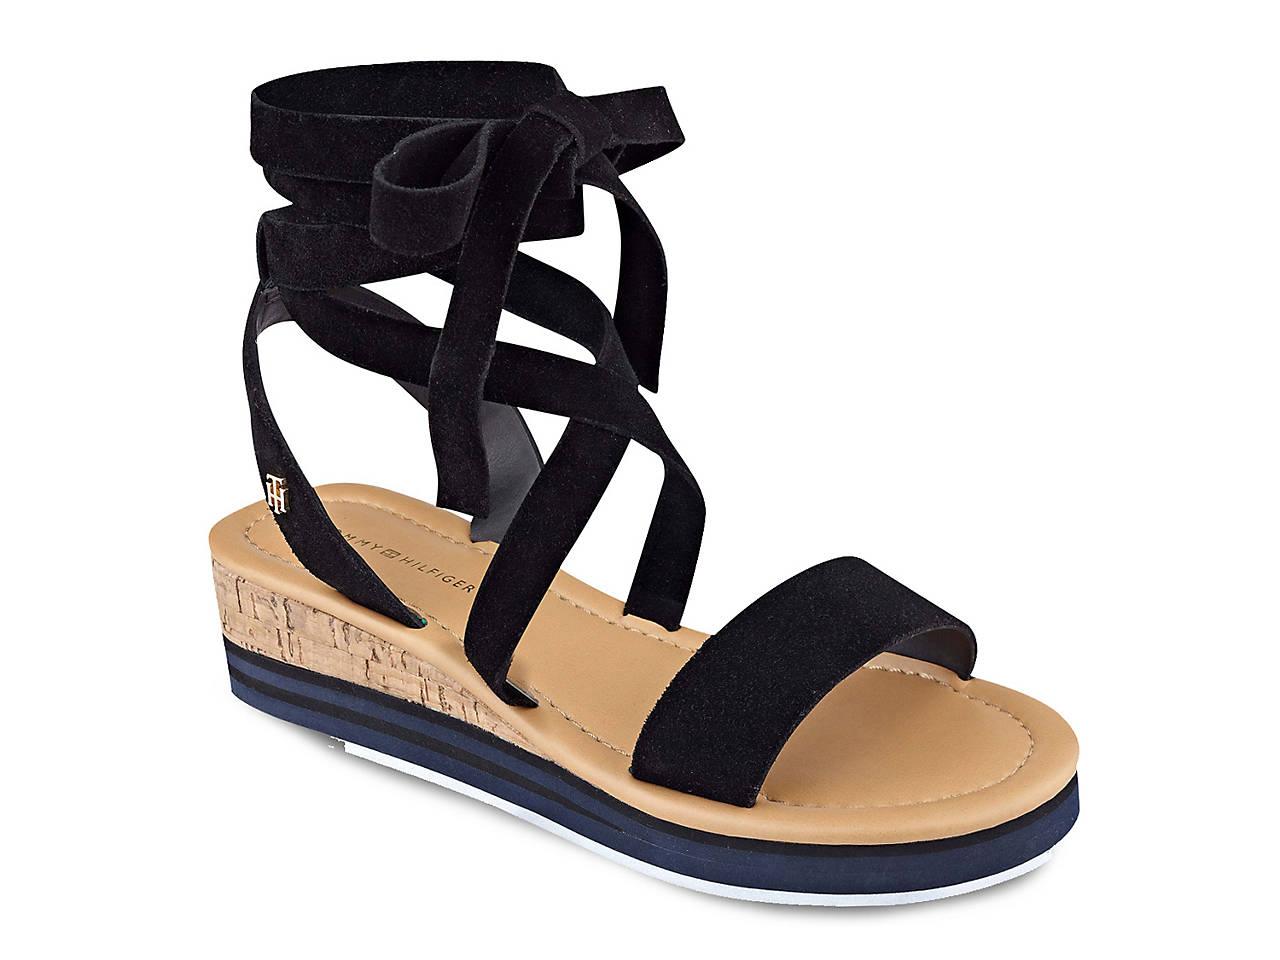 0e7e509dc4417 Tommy Hilfiger Parker Wedge Sandal Women s Shoes